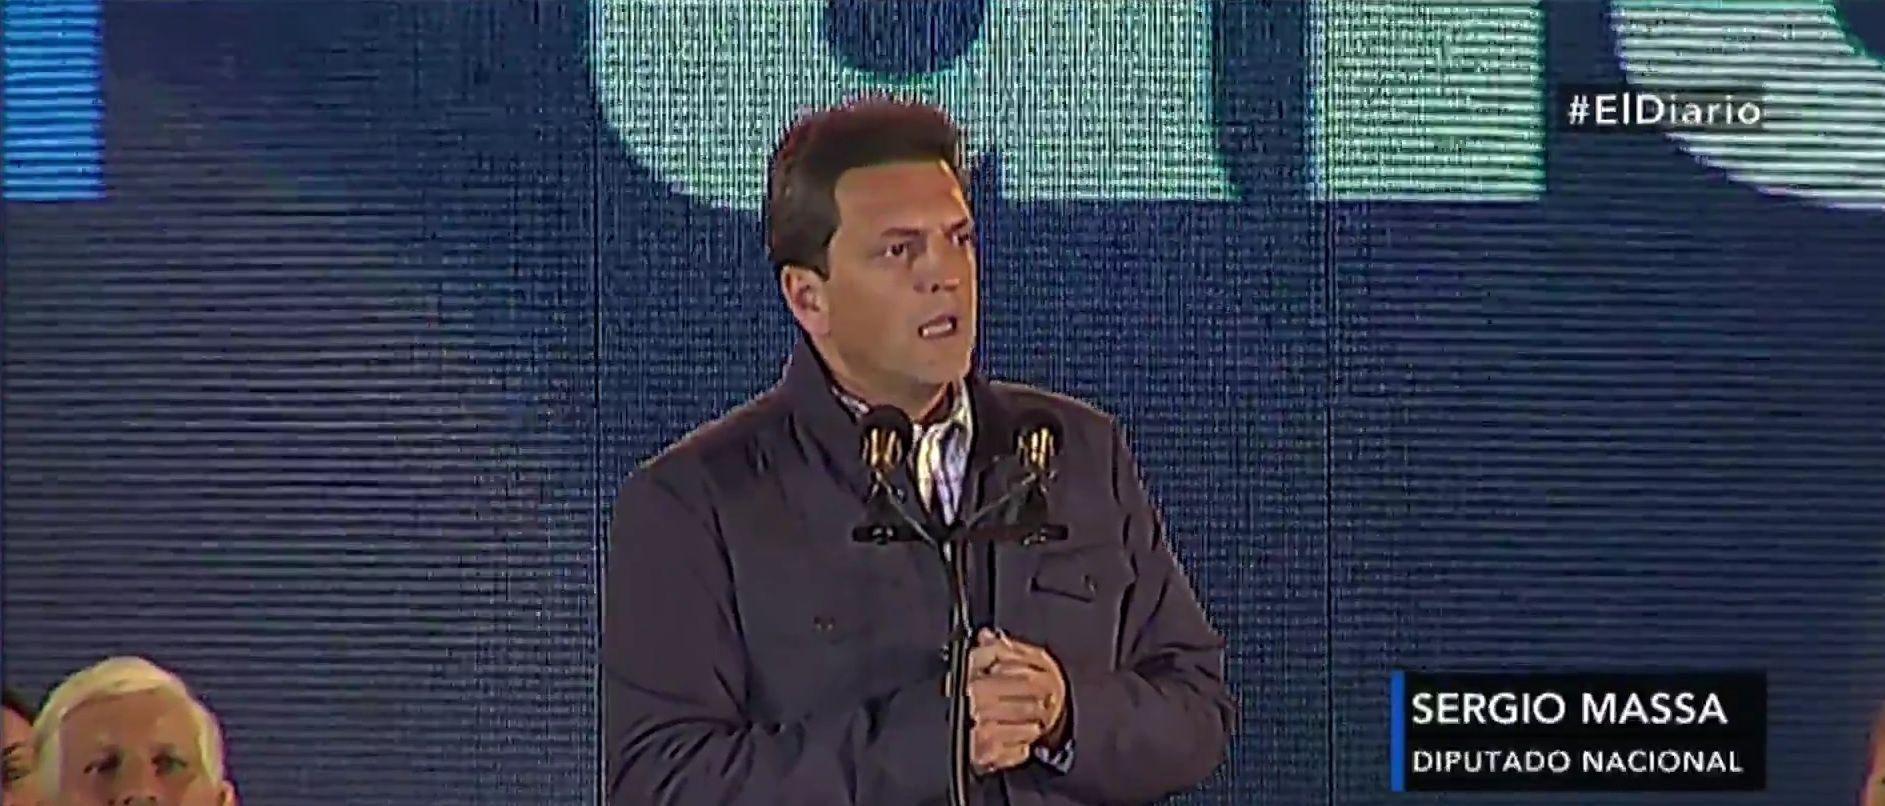 En campaña, Massa propone instalar 12 mil sirenas para combatir la inseguridad